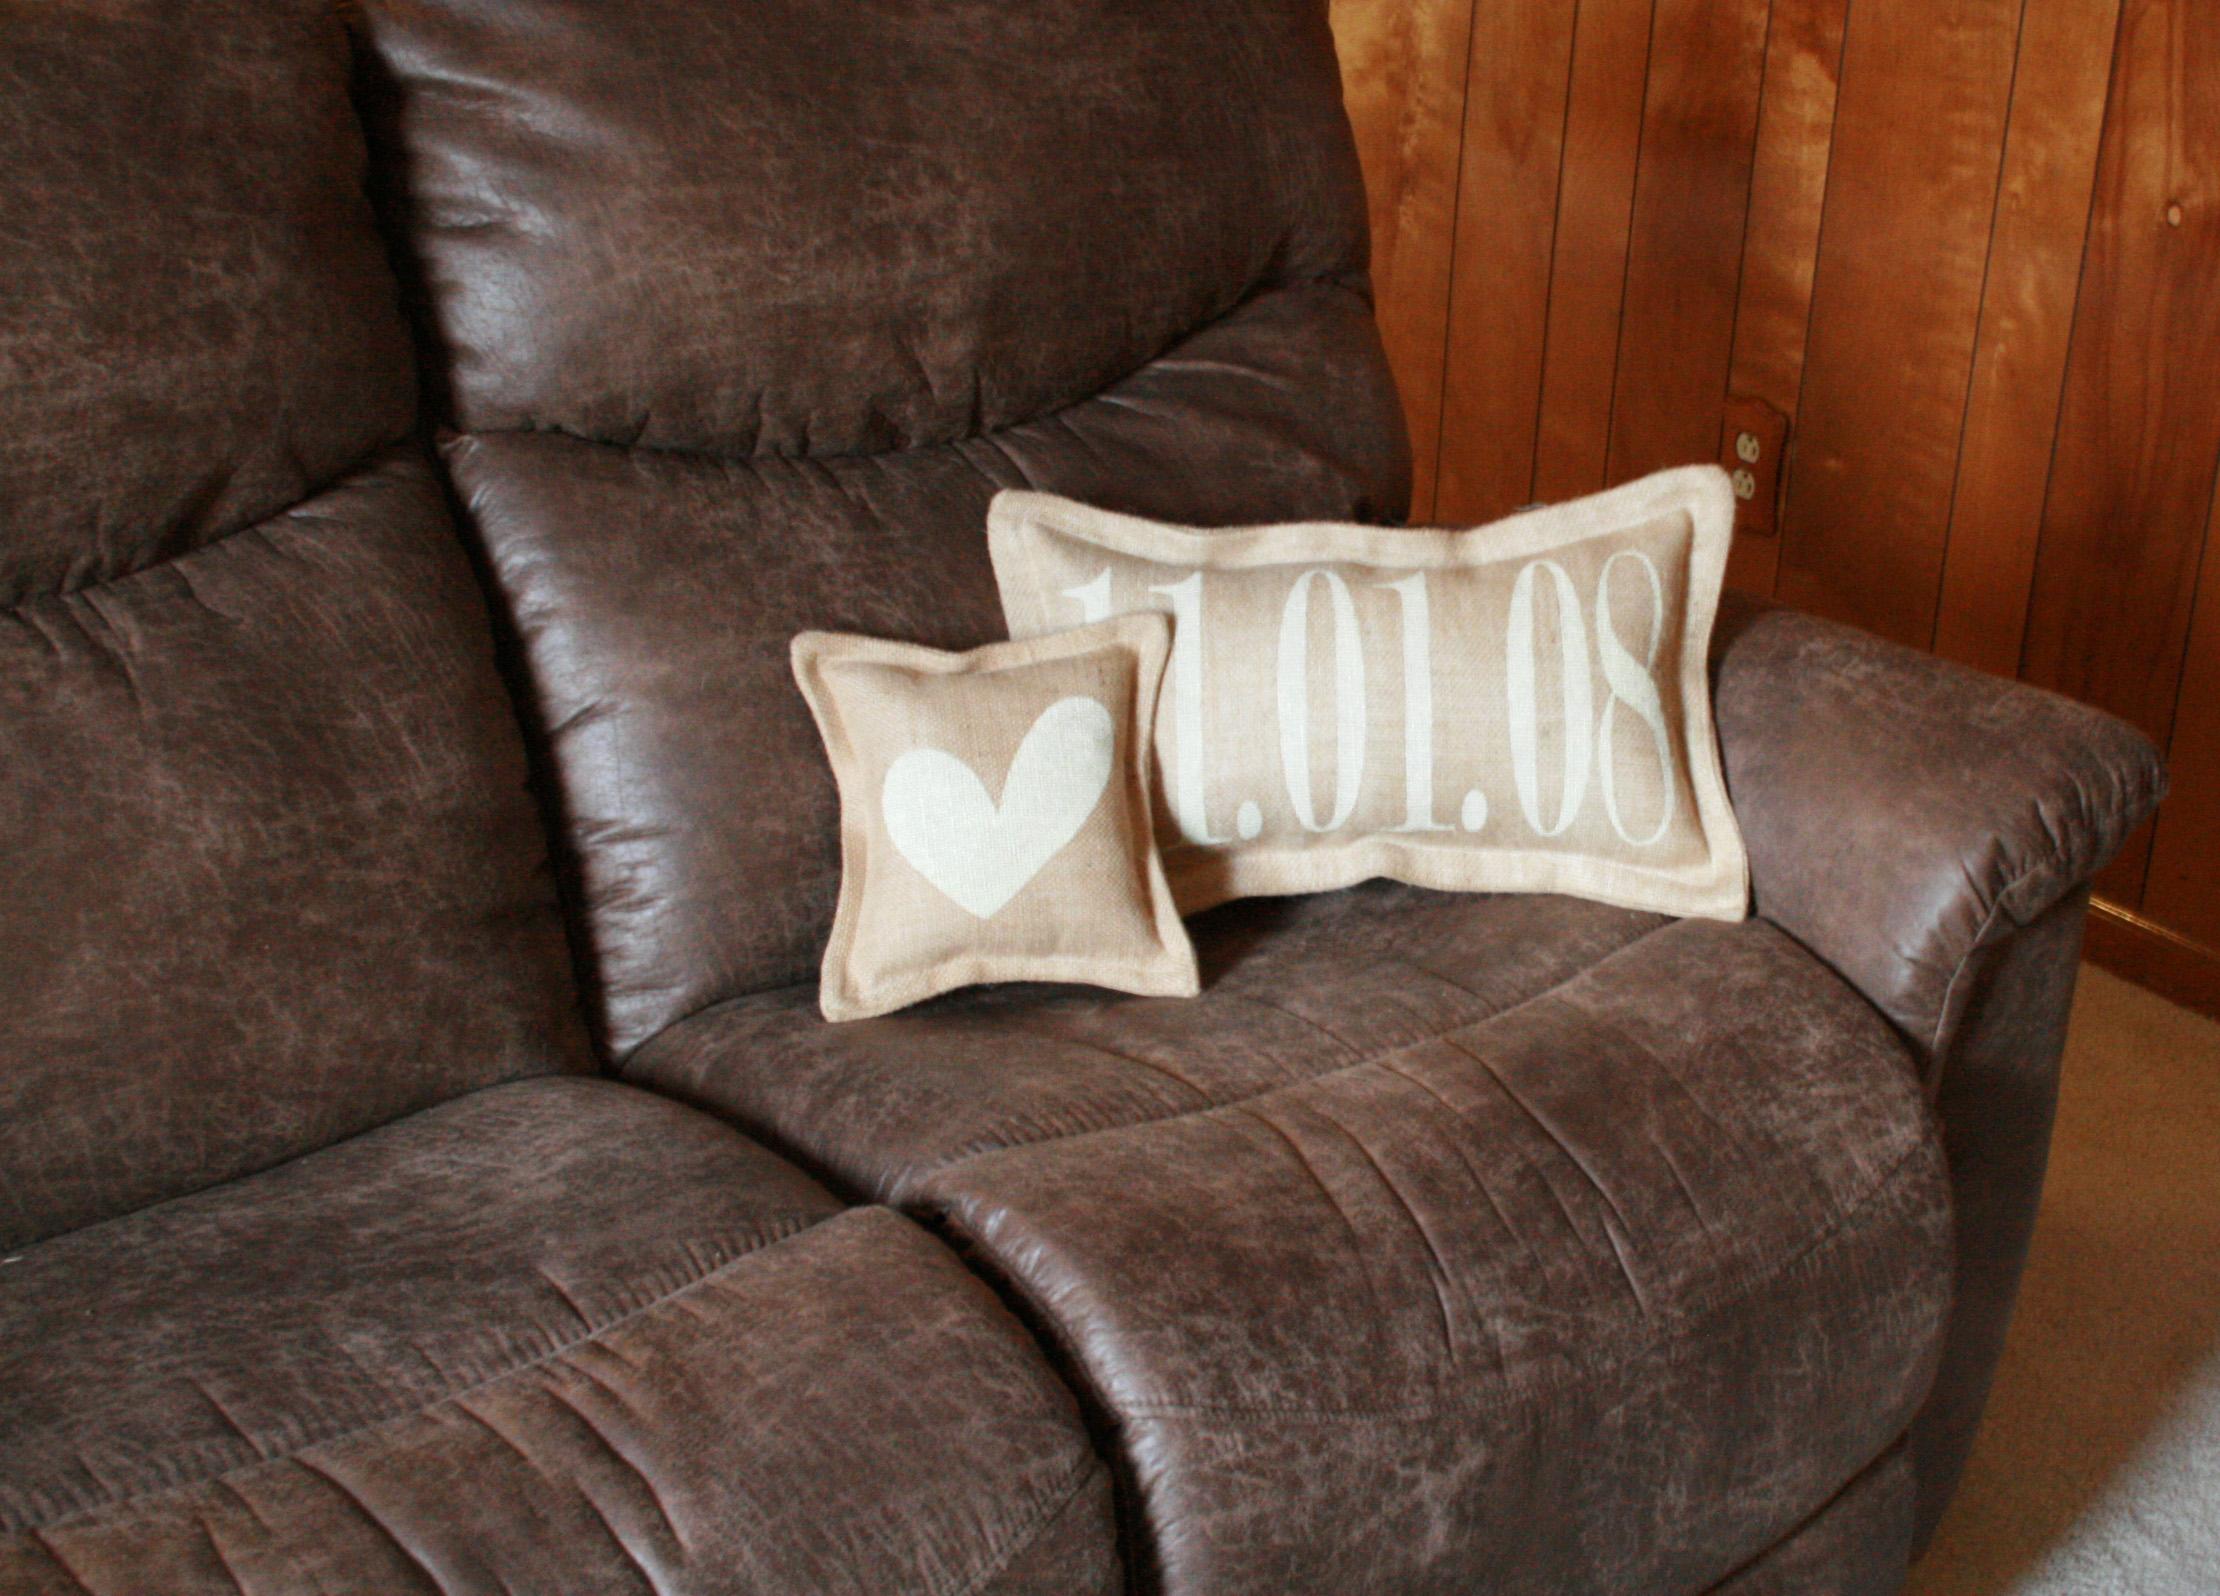 Pillow_Anniv&Heart_JitneysJourneys_001.jpg